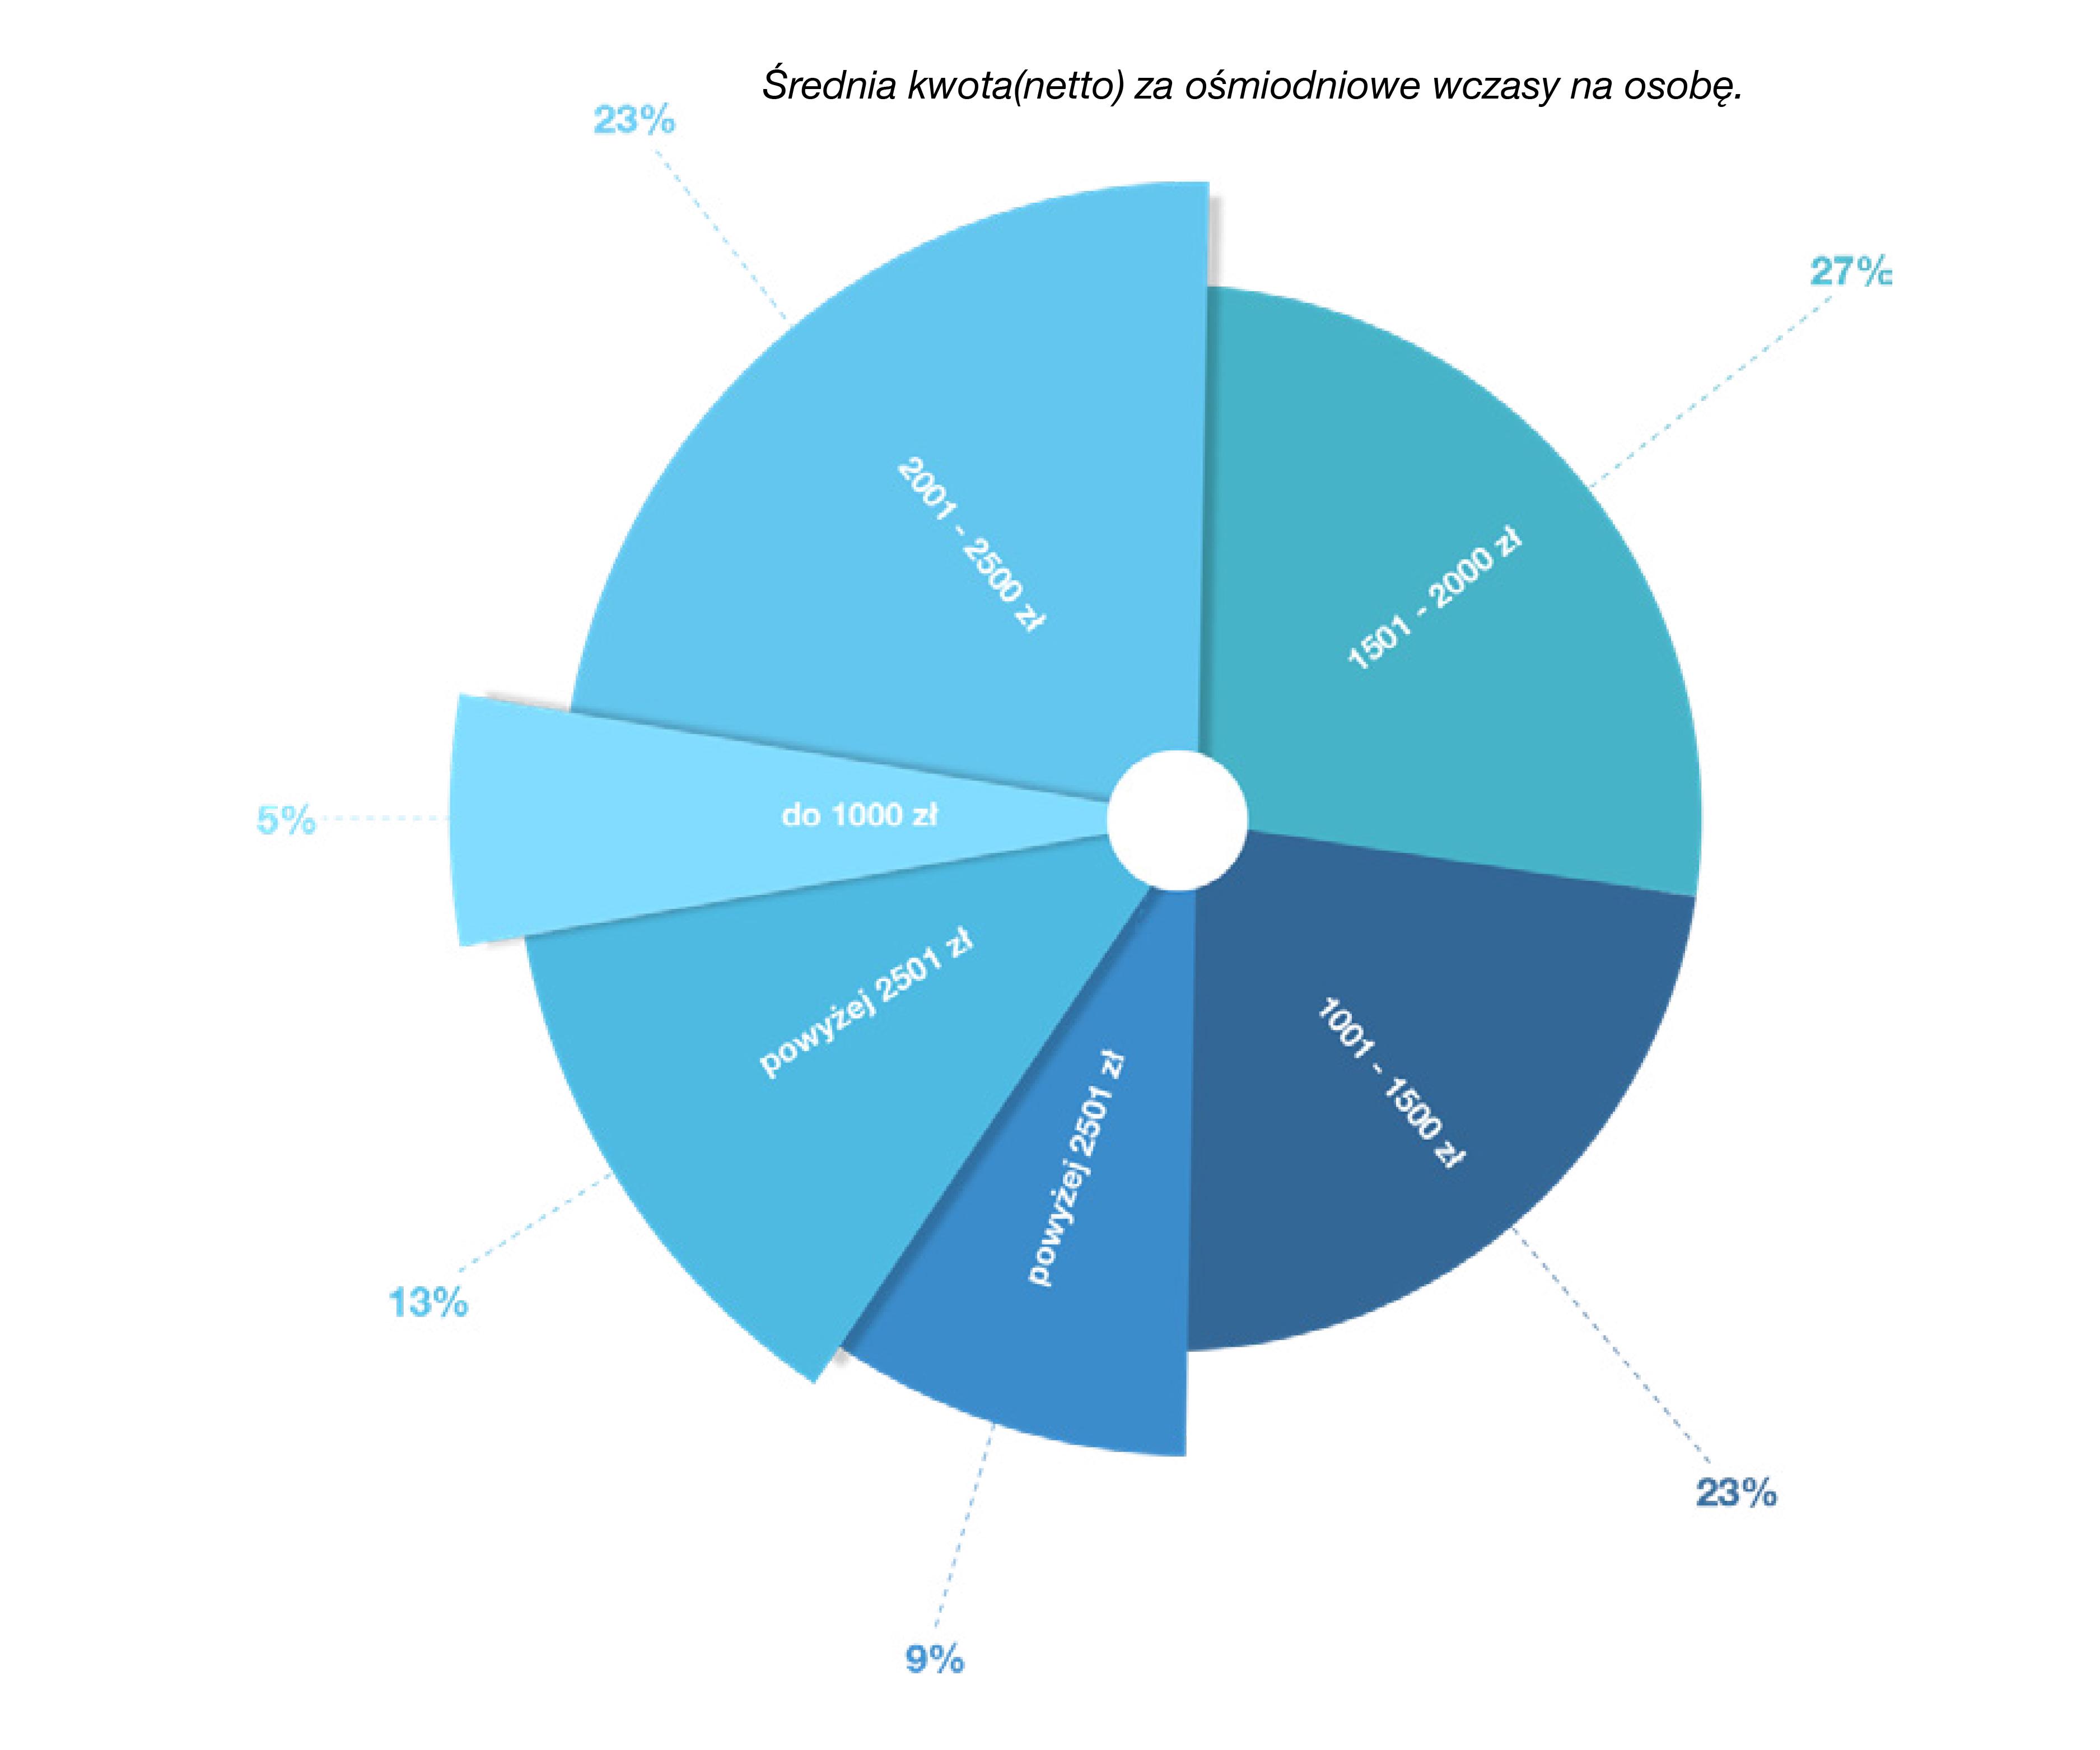 srednia kwota za wczasy w Grecji na osobe